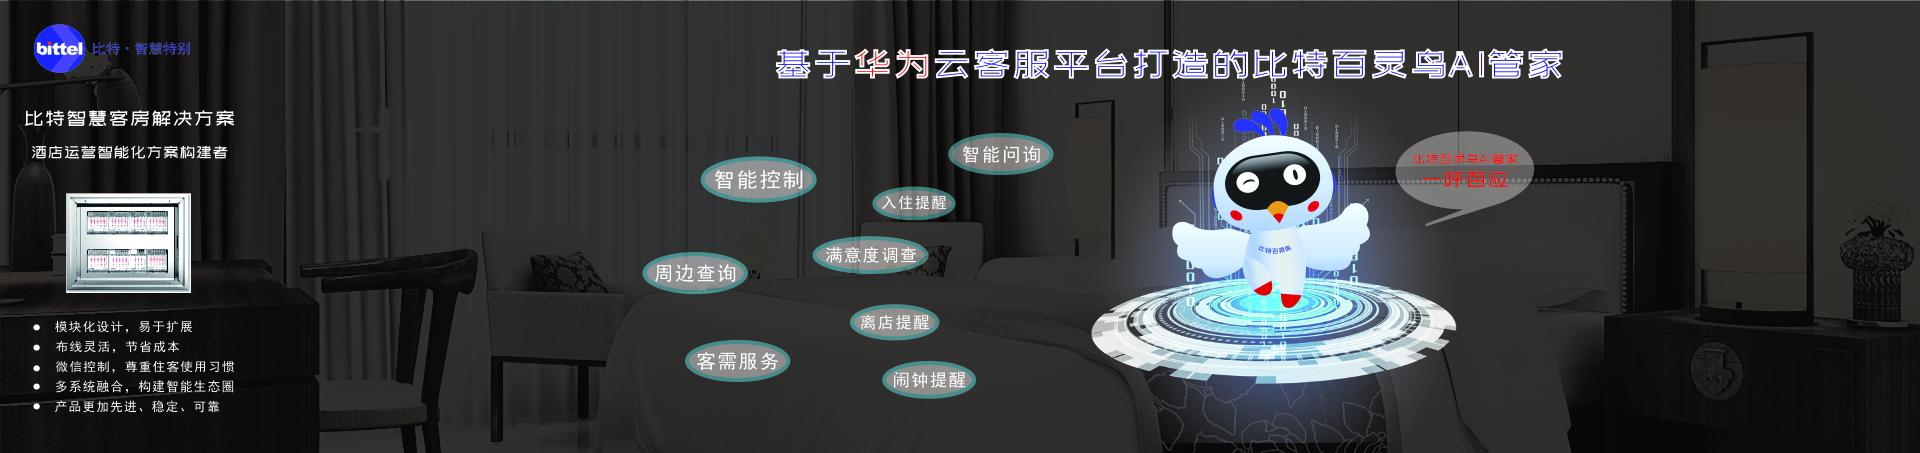 山东比特电子工业有限公司pc顶部幻灯